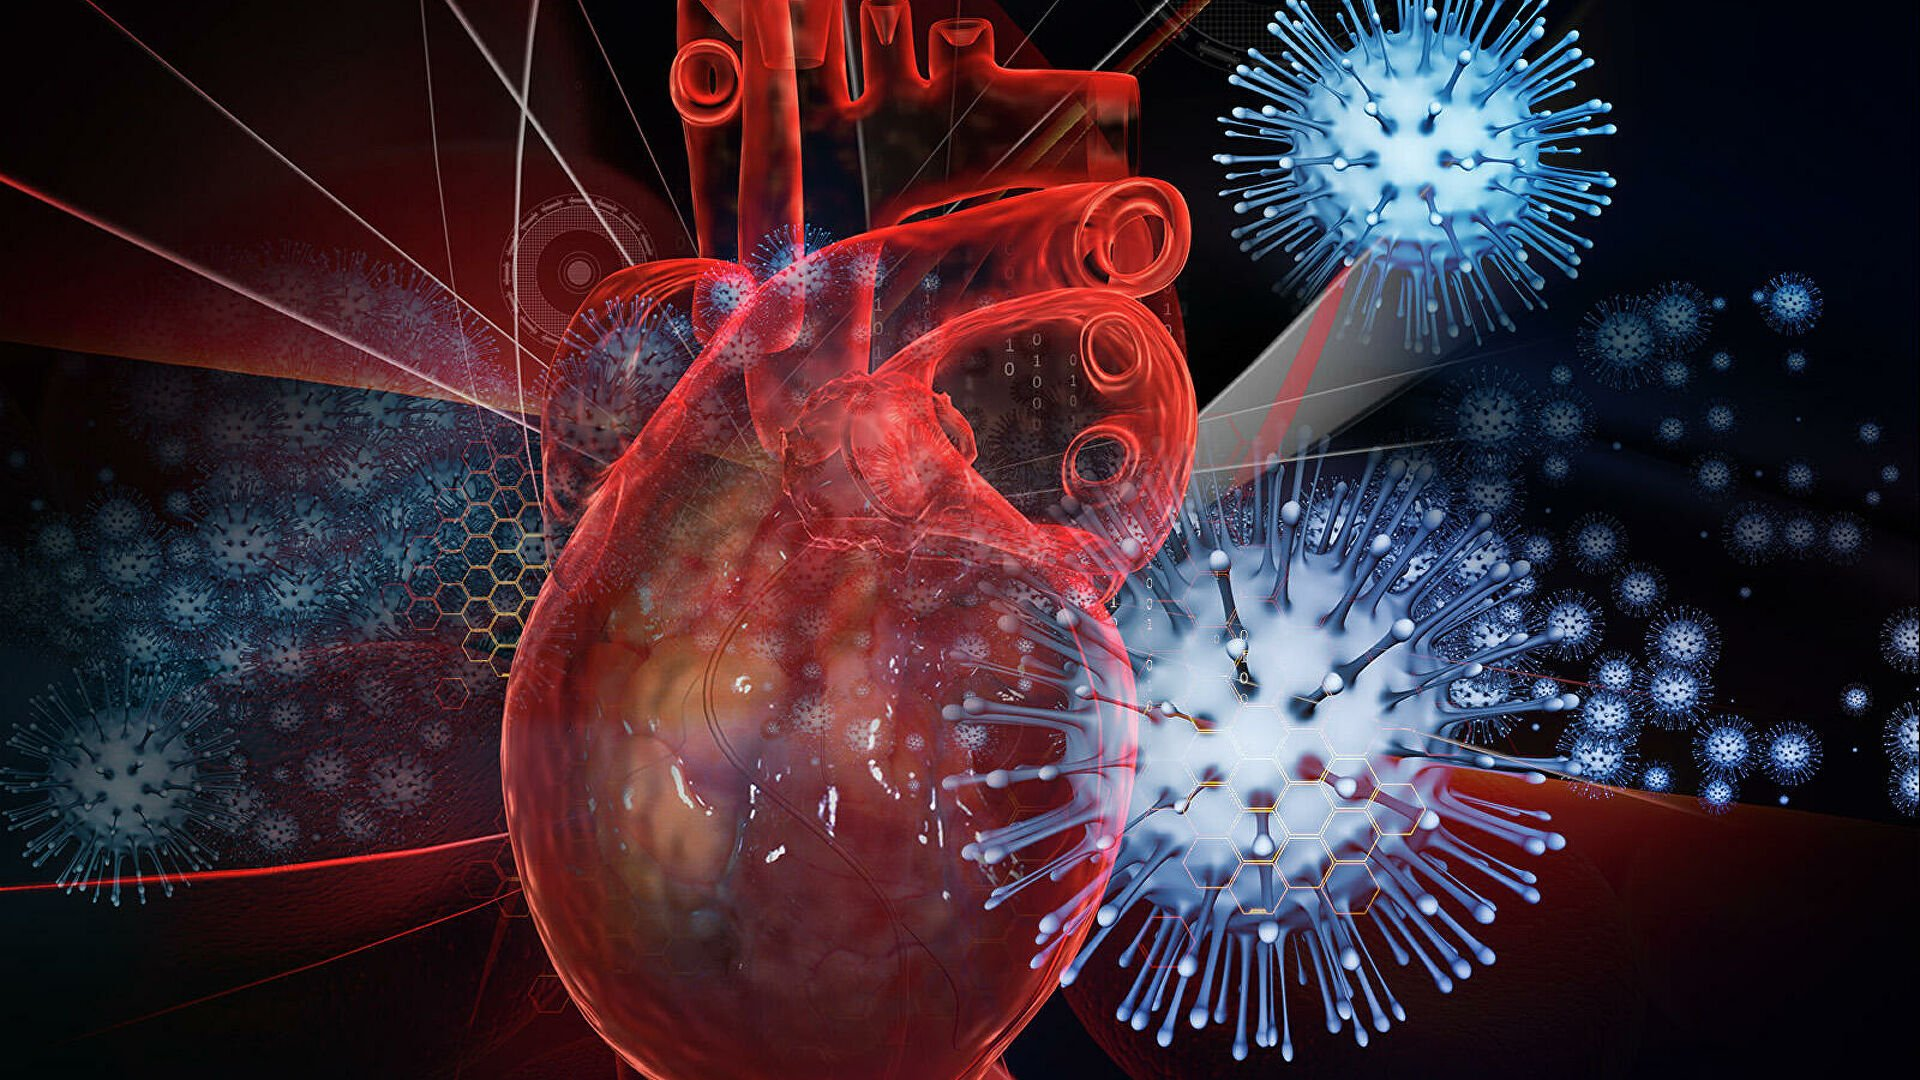 Комиссия ВОЗ прибыла в Ухань, чтобы исследовать вирус COVID-19